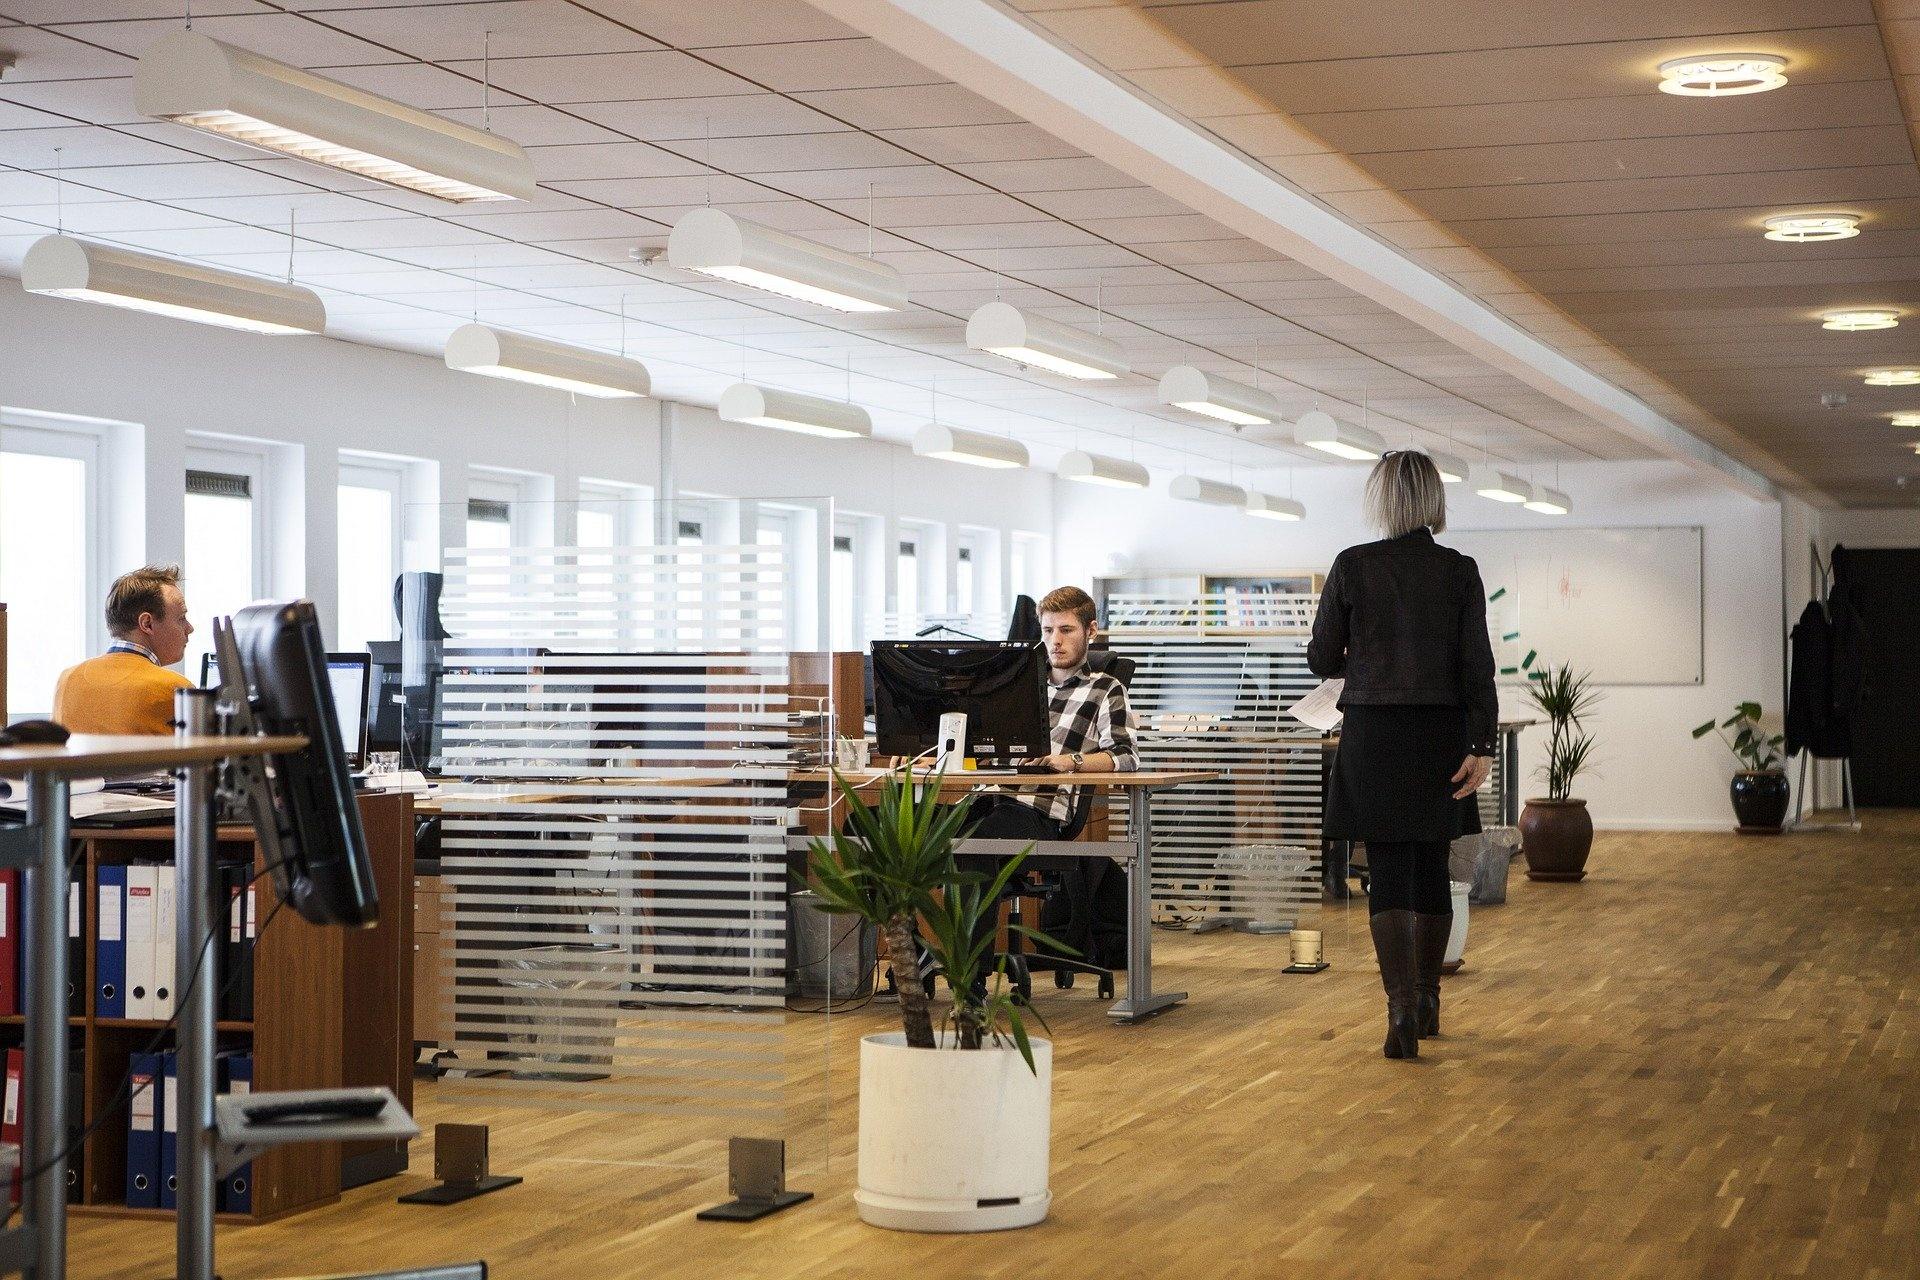 Arbeitgeber Darf Weisung Zum Umzug In Ein Grossraumburo Erteilen Personal Haufe